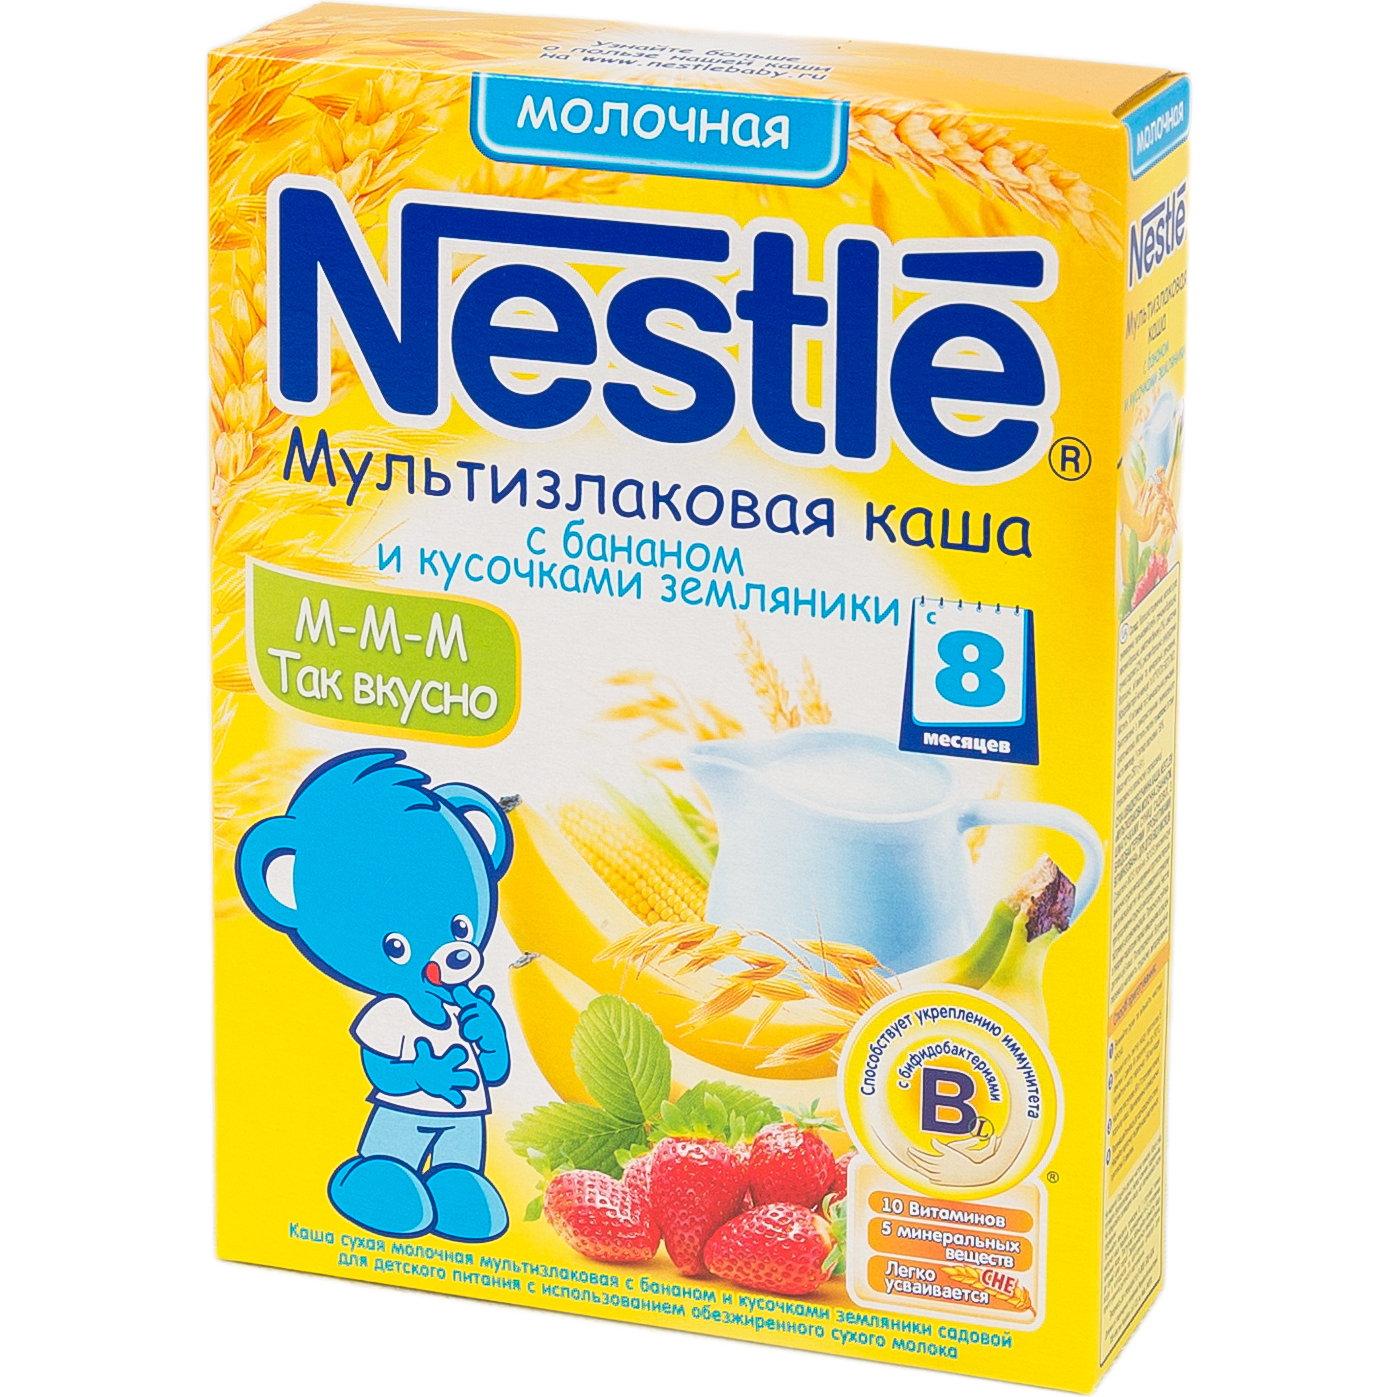 Каша Nestle молочная 250 гр Мультизлаковая с бананом и кусочками земляники (с 6 мес)<br>